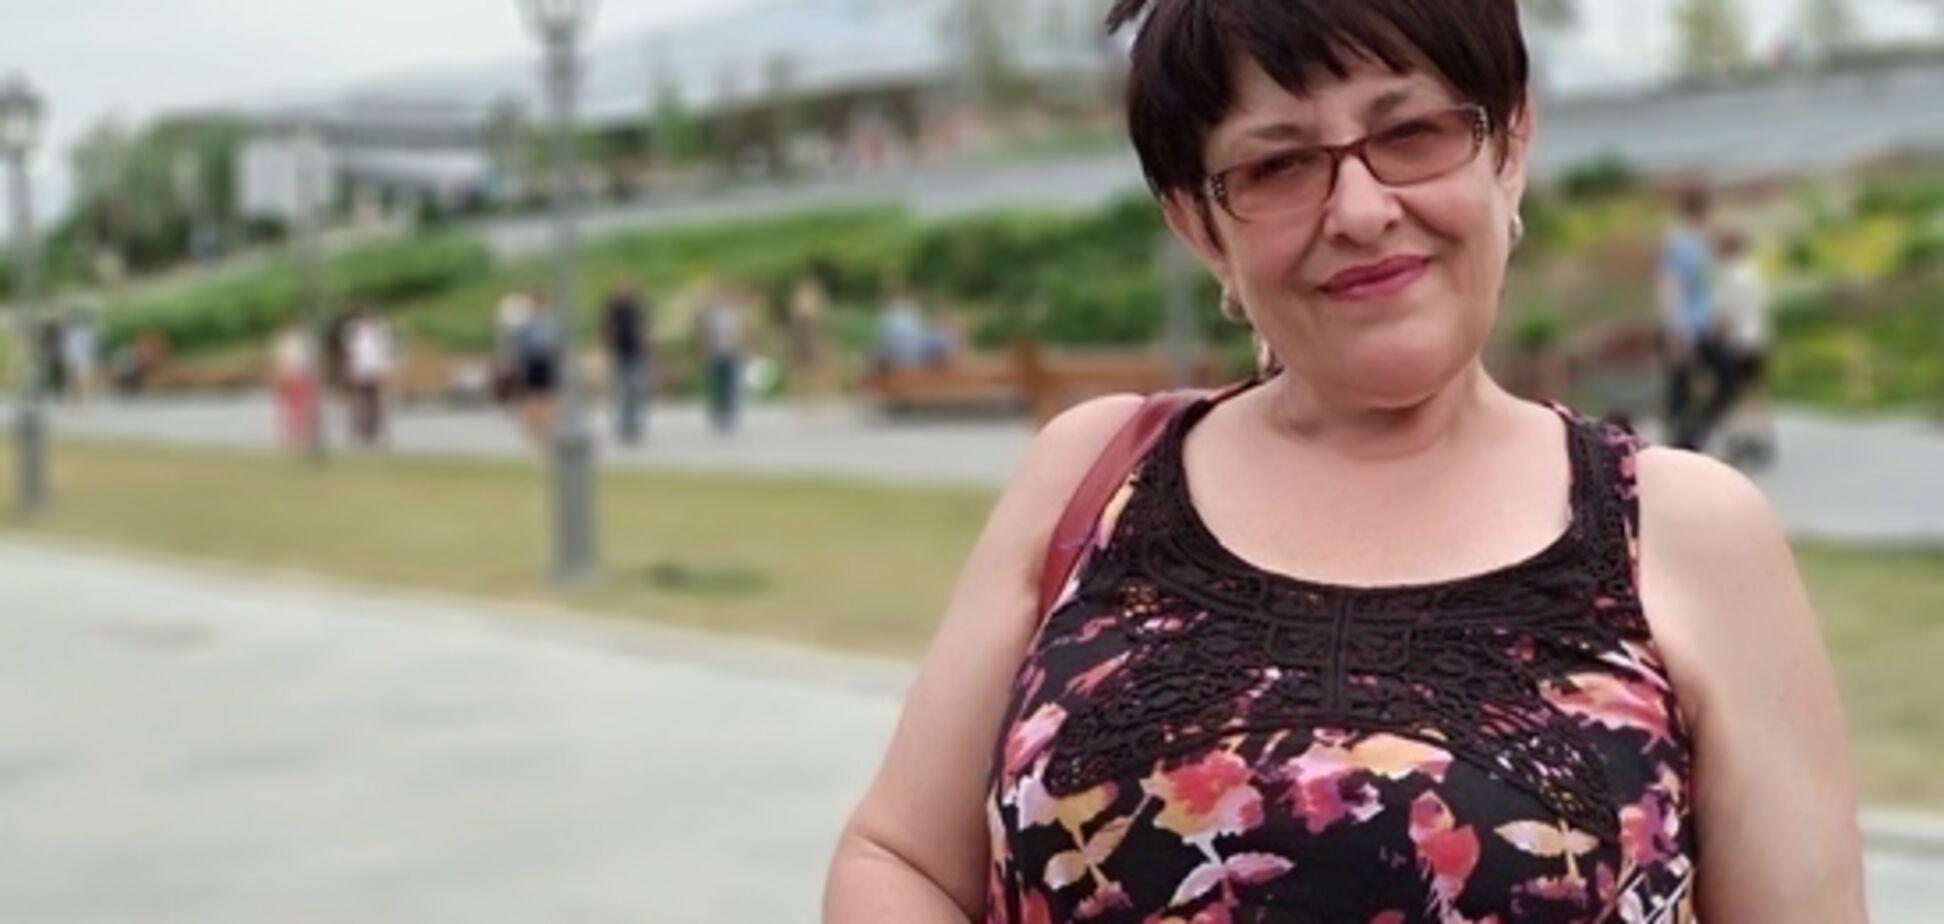 Зрадила Україну і підтримала Путіна: в Росії вирішили позбутися скандальної львівської журналістки